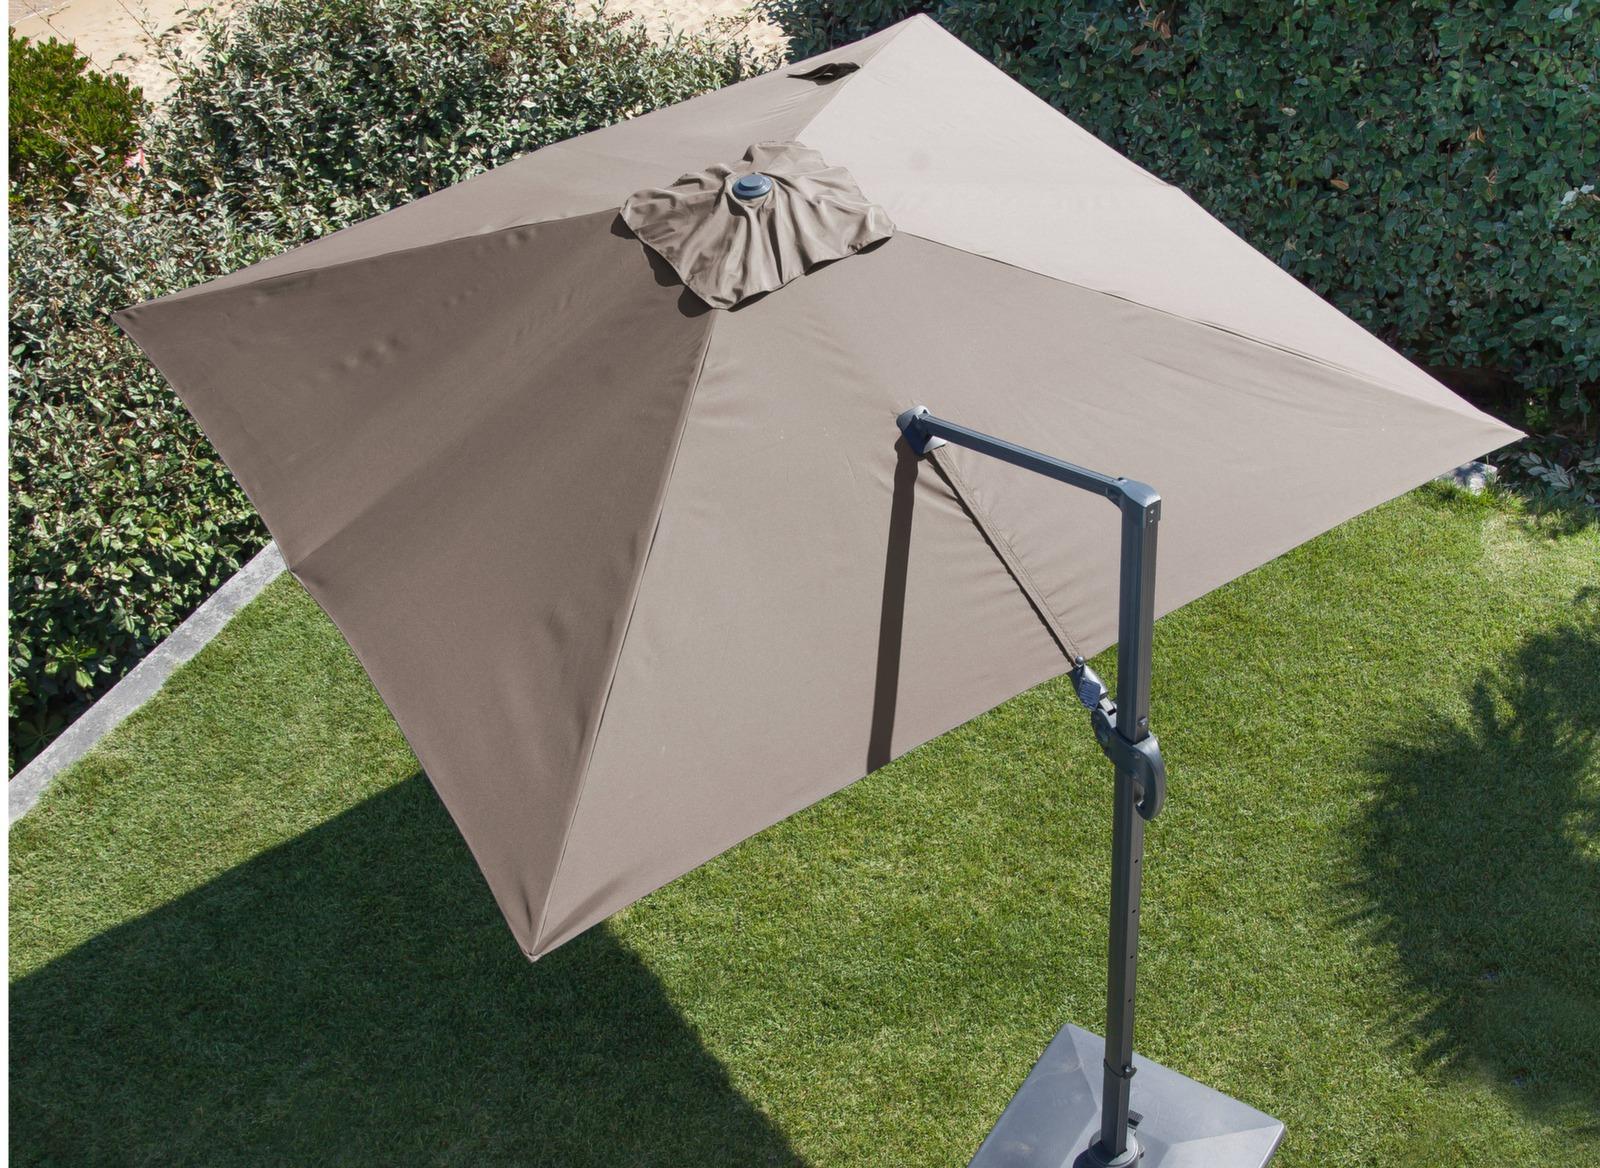 Parasol d port orientable aluminium 3x3m meuble jardin - Parasol deporte orientable et inclinable ...